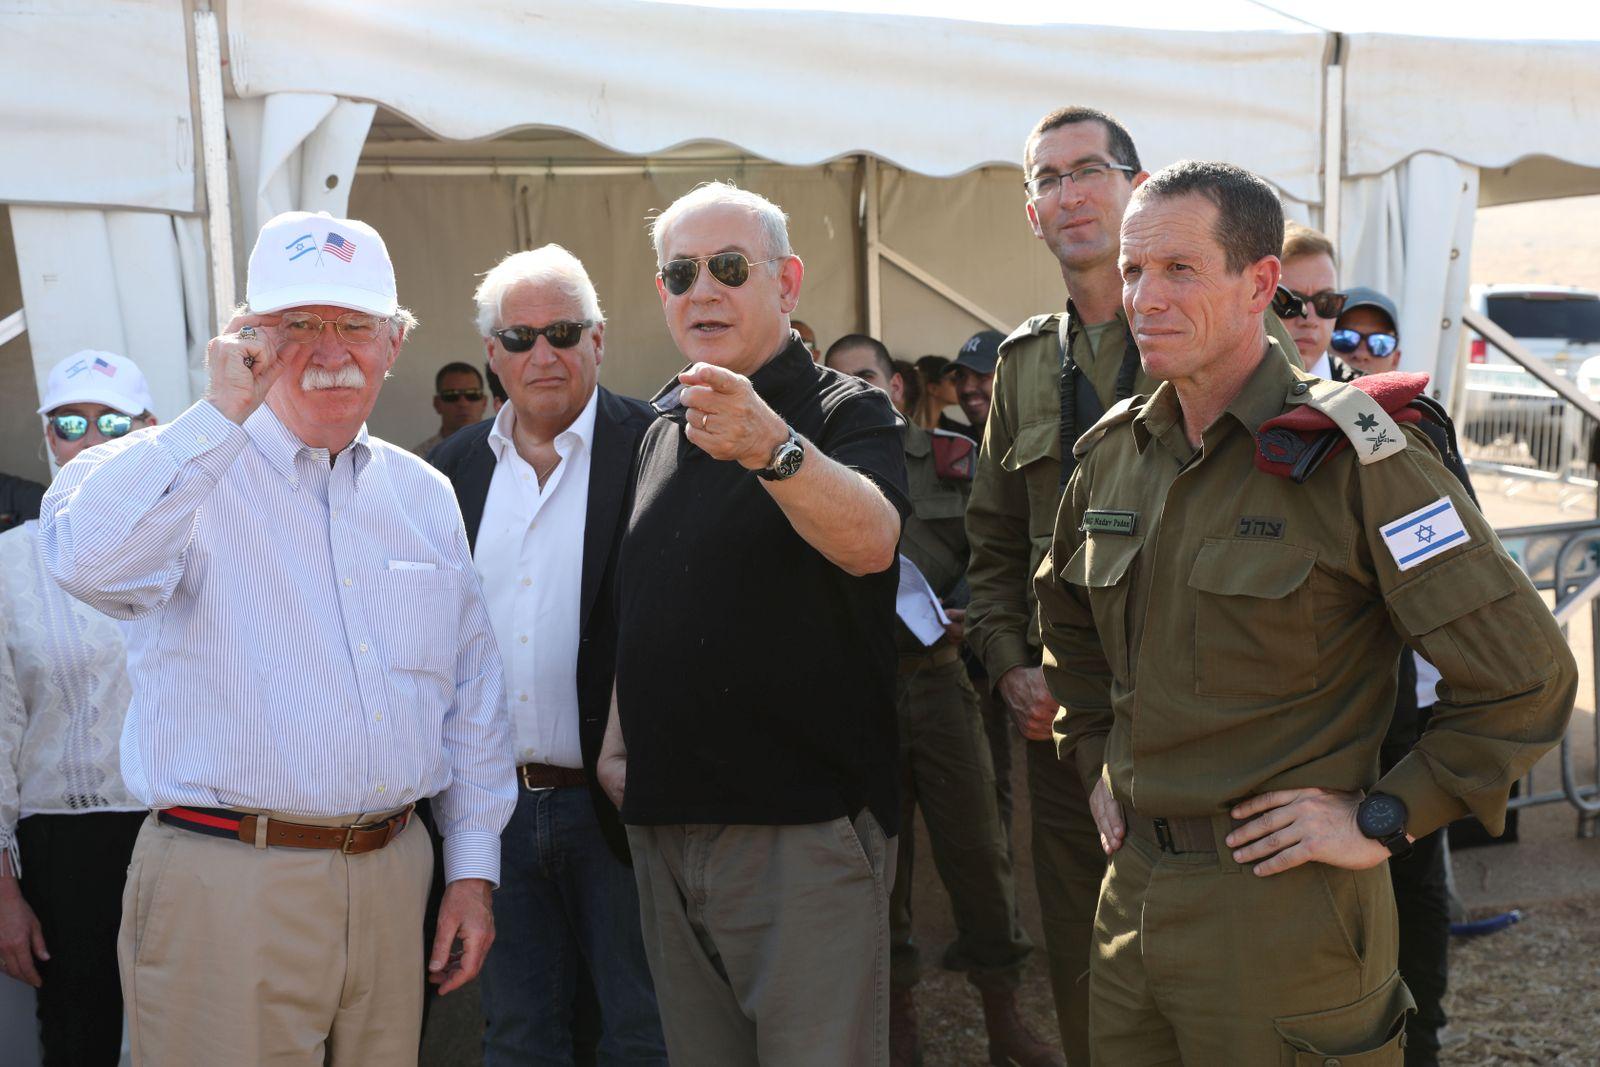 Bolton / Netanyahu